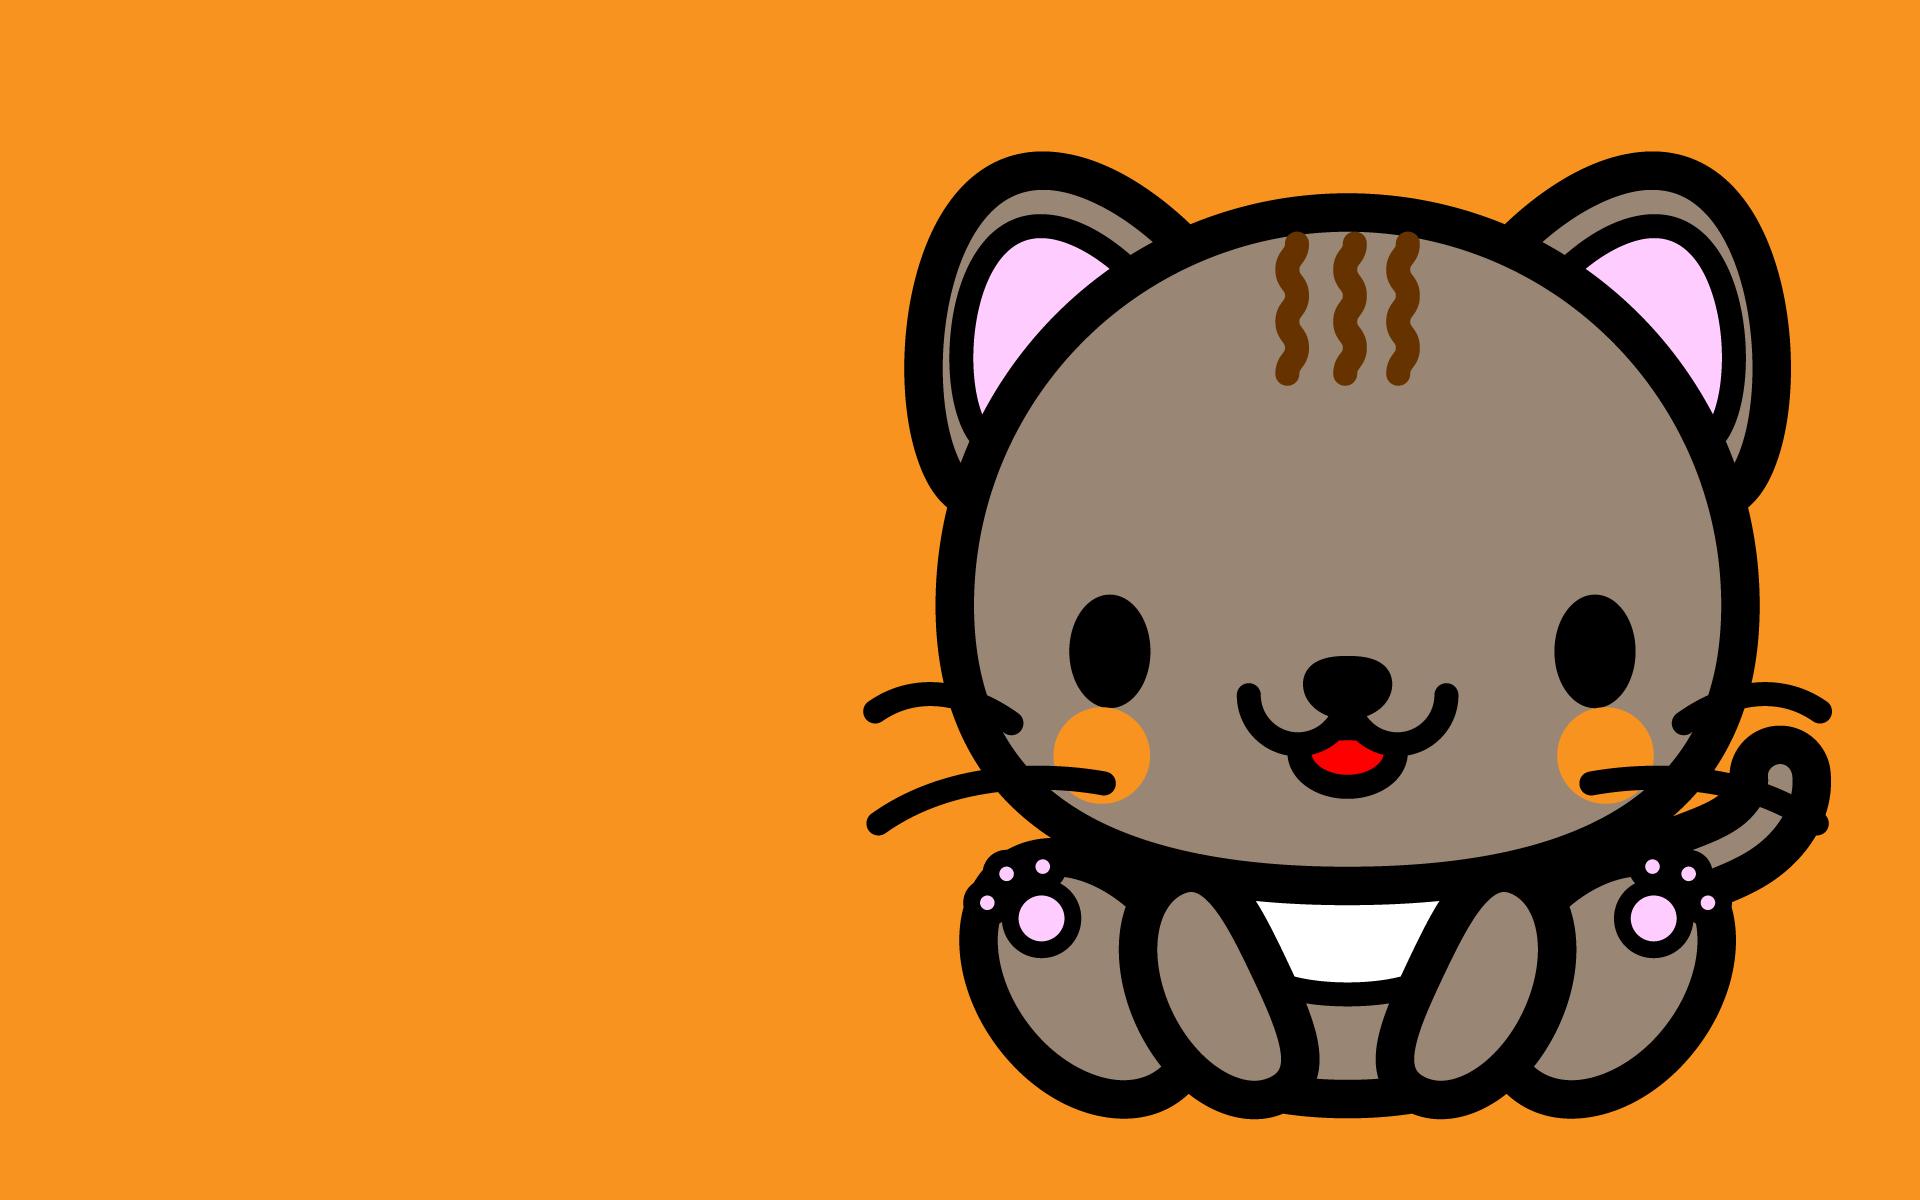 かわいい座り猫壁紙(PC)の無料イラスト・商用フリー